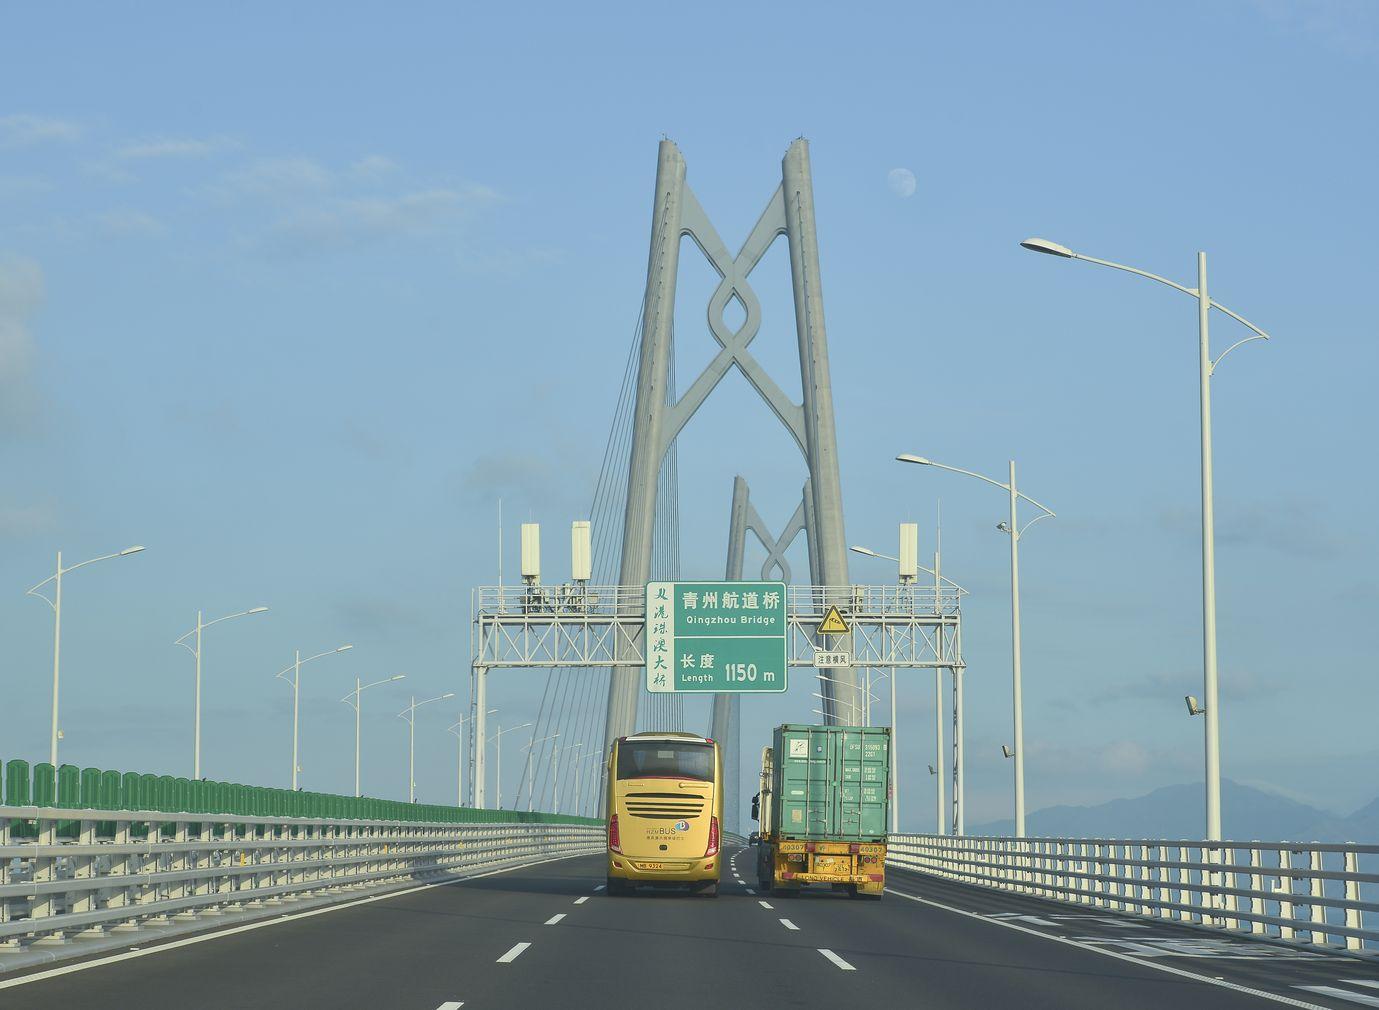 旅行社今年開辦不少 高鐵和大橋團。資料圖片